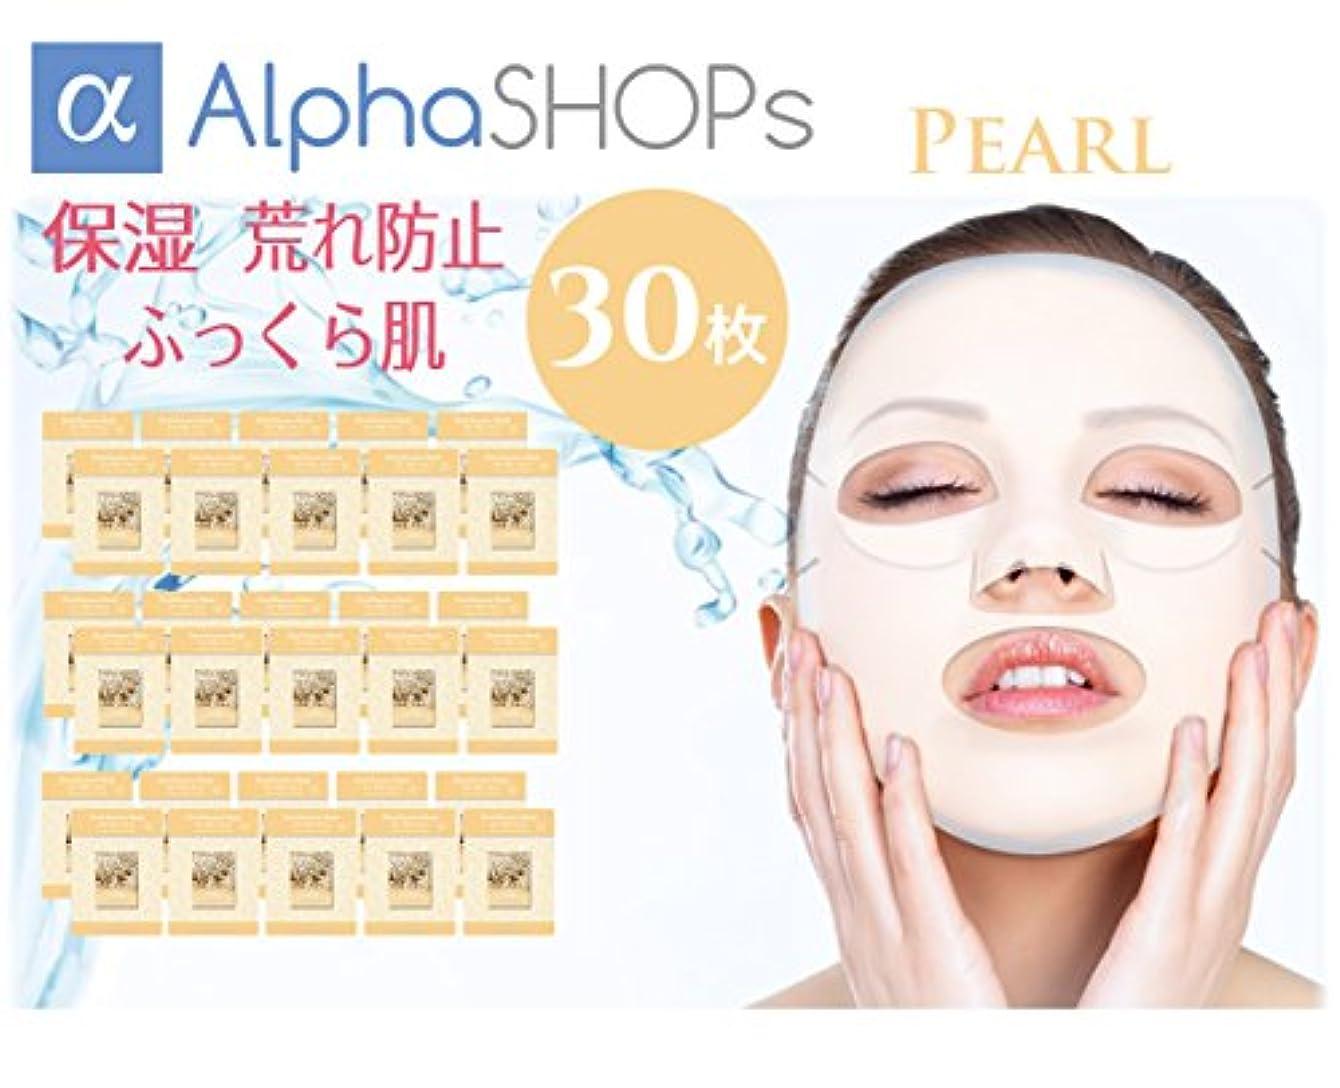 連帯たとえ動フェイスパック フェイスマスクパック パール 真珠粉 ランキング 上位 韓国コスメ 追跡番号付きで当日発送 30枚セット